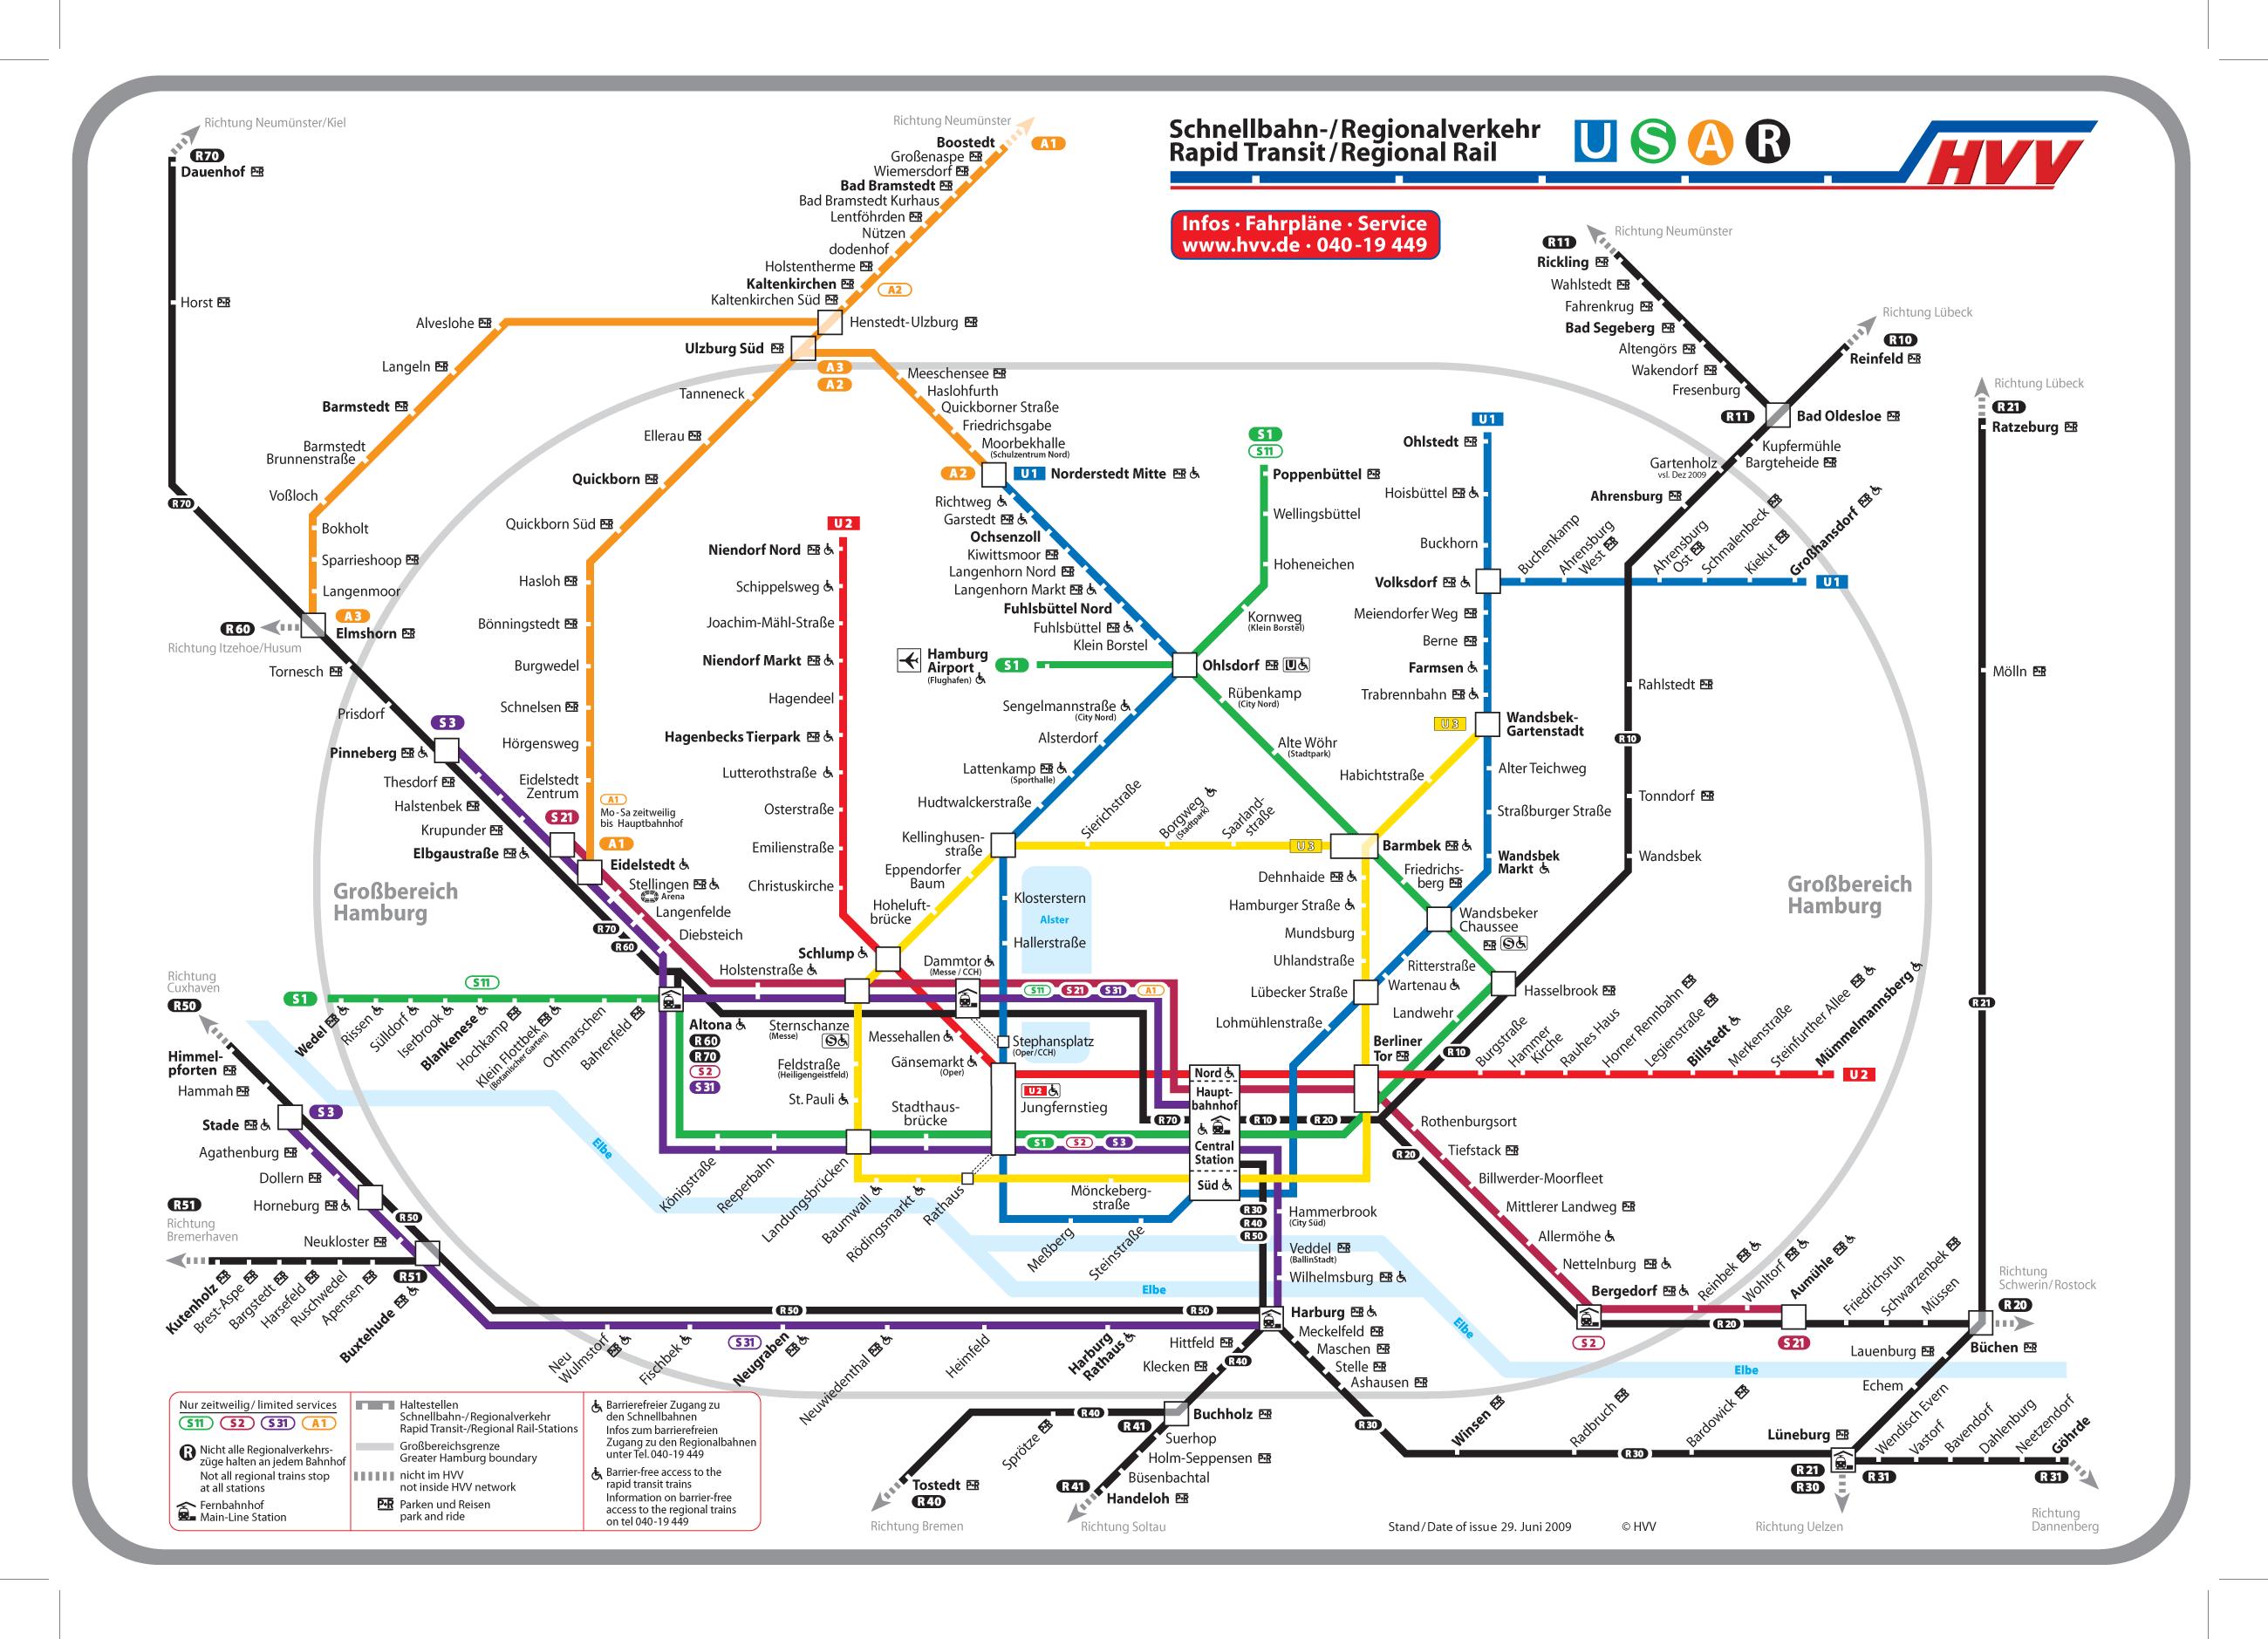 Sistema de transporte público ferroviario regional de Hamburgo